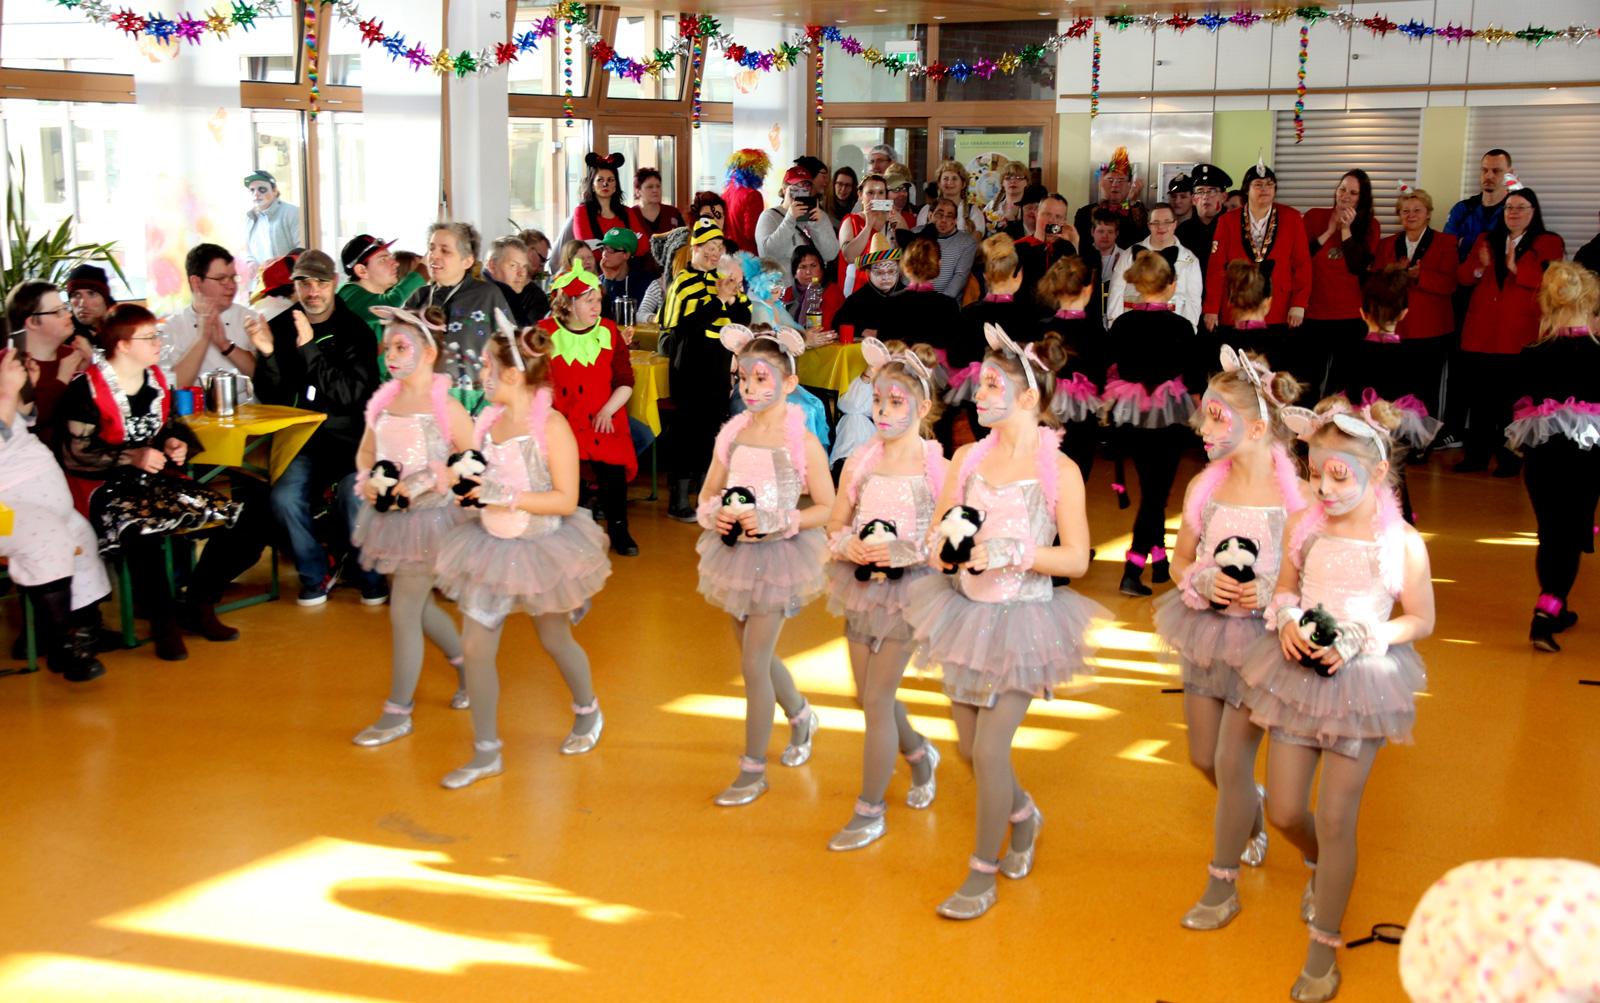 Jecke Stimmung dank exzellenter Tanzeinalgen von und mit Hilaritas.